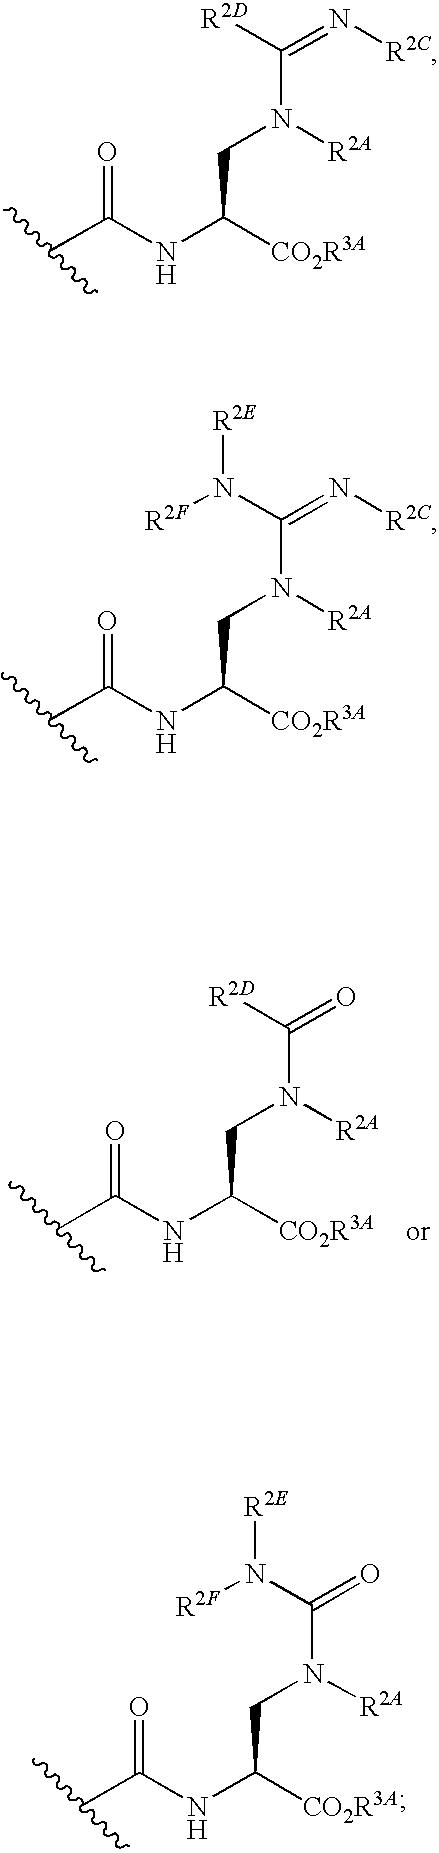 Figure US07790743-20100907-C00228